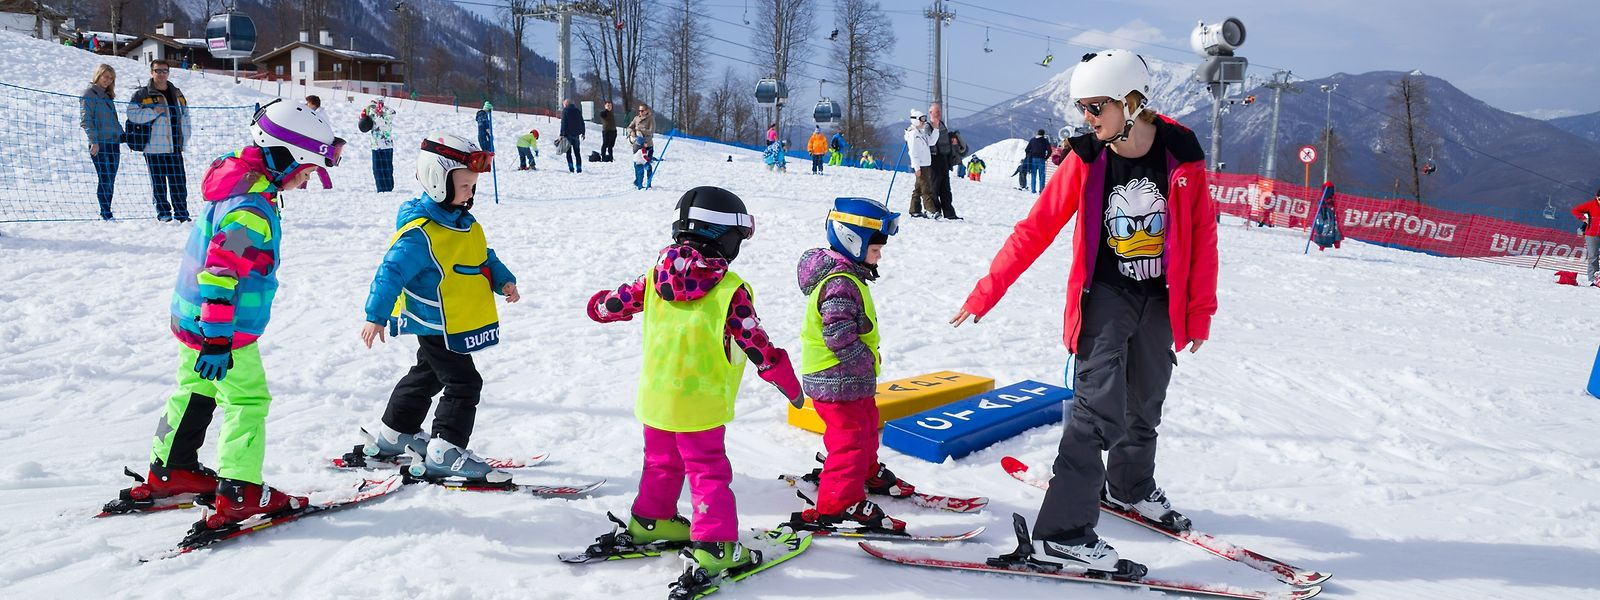 Les traditionnelles classes de ski sont bien entendu concernées par la mesure prise par le ministre de l'Éducation nationale